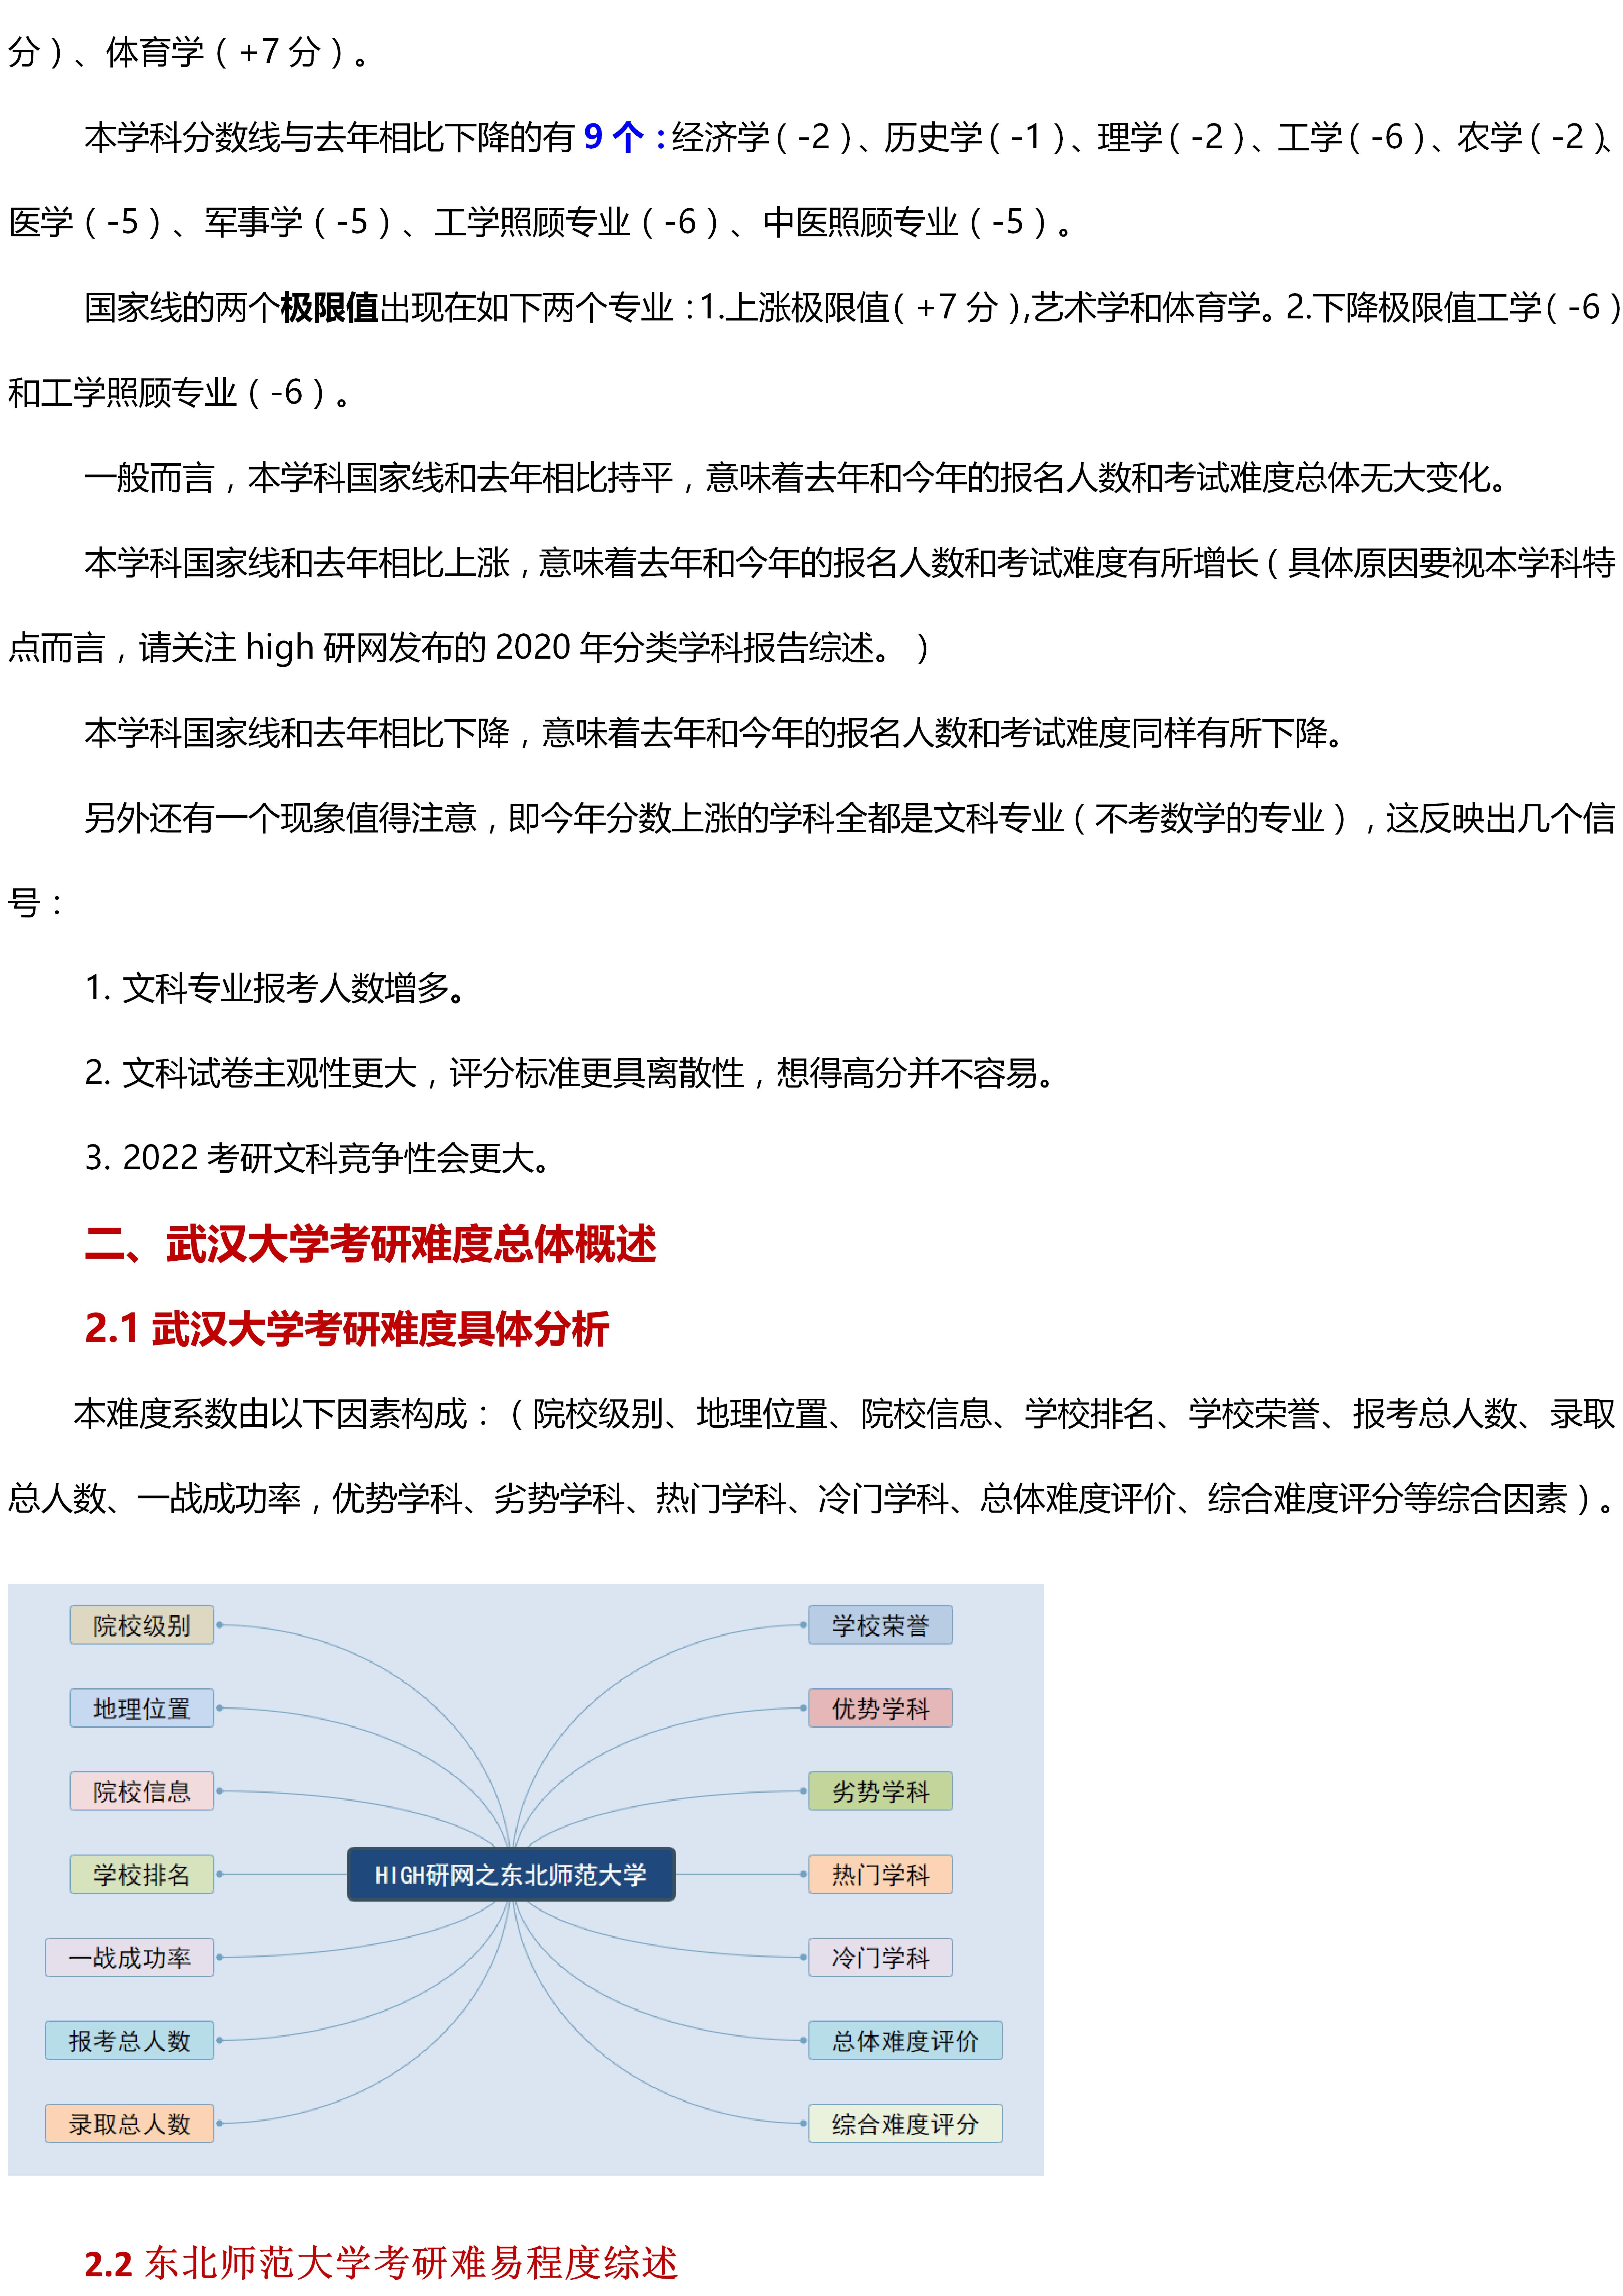 南京大学自学考试